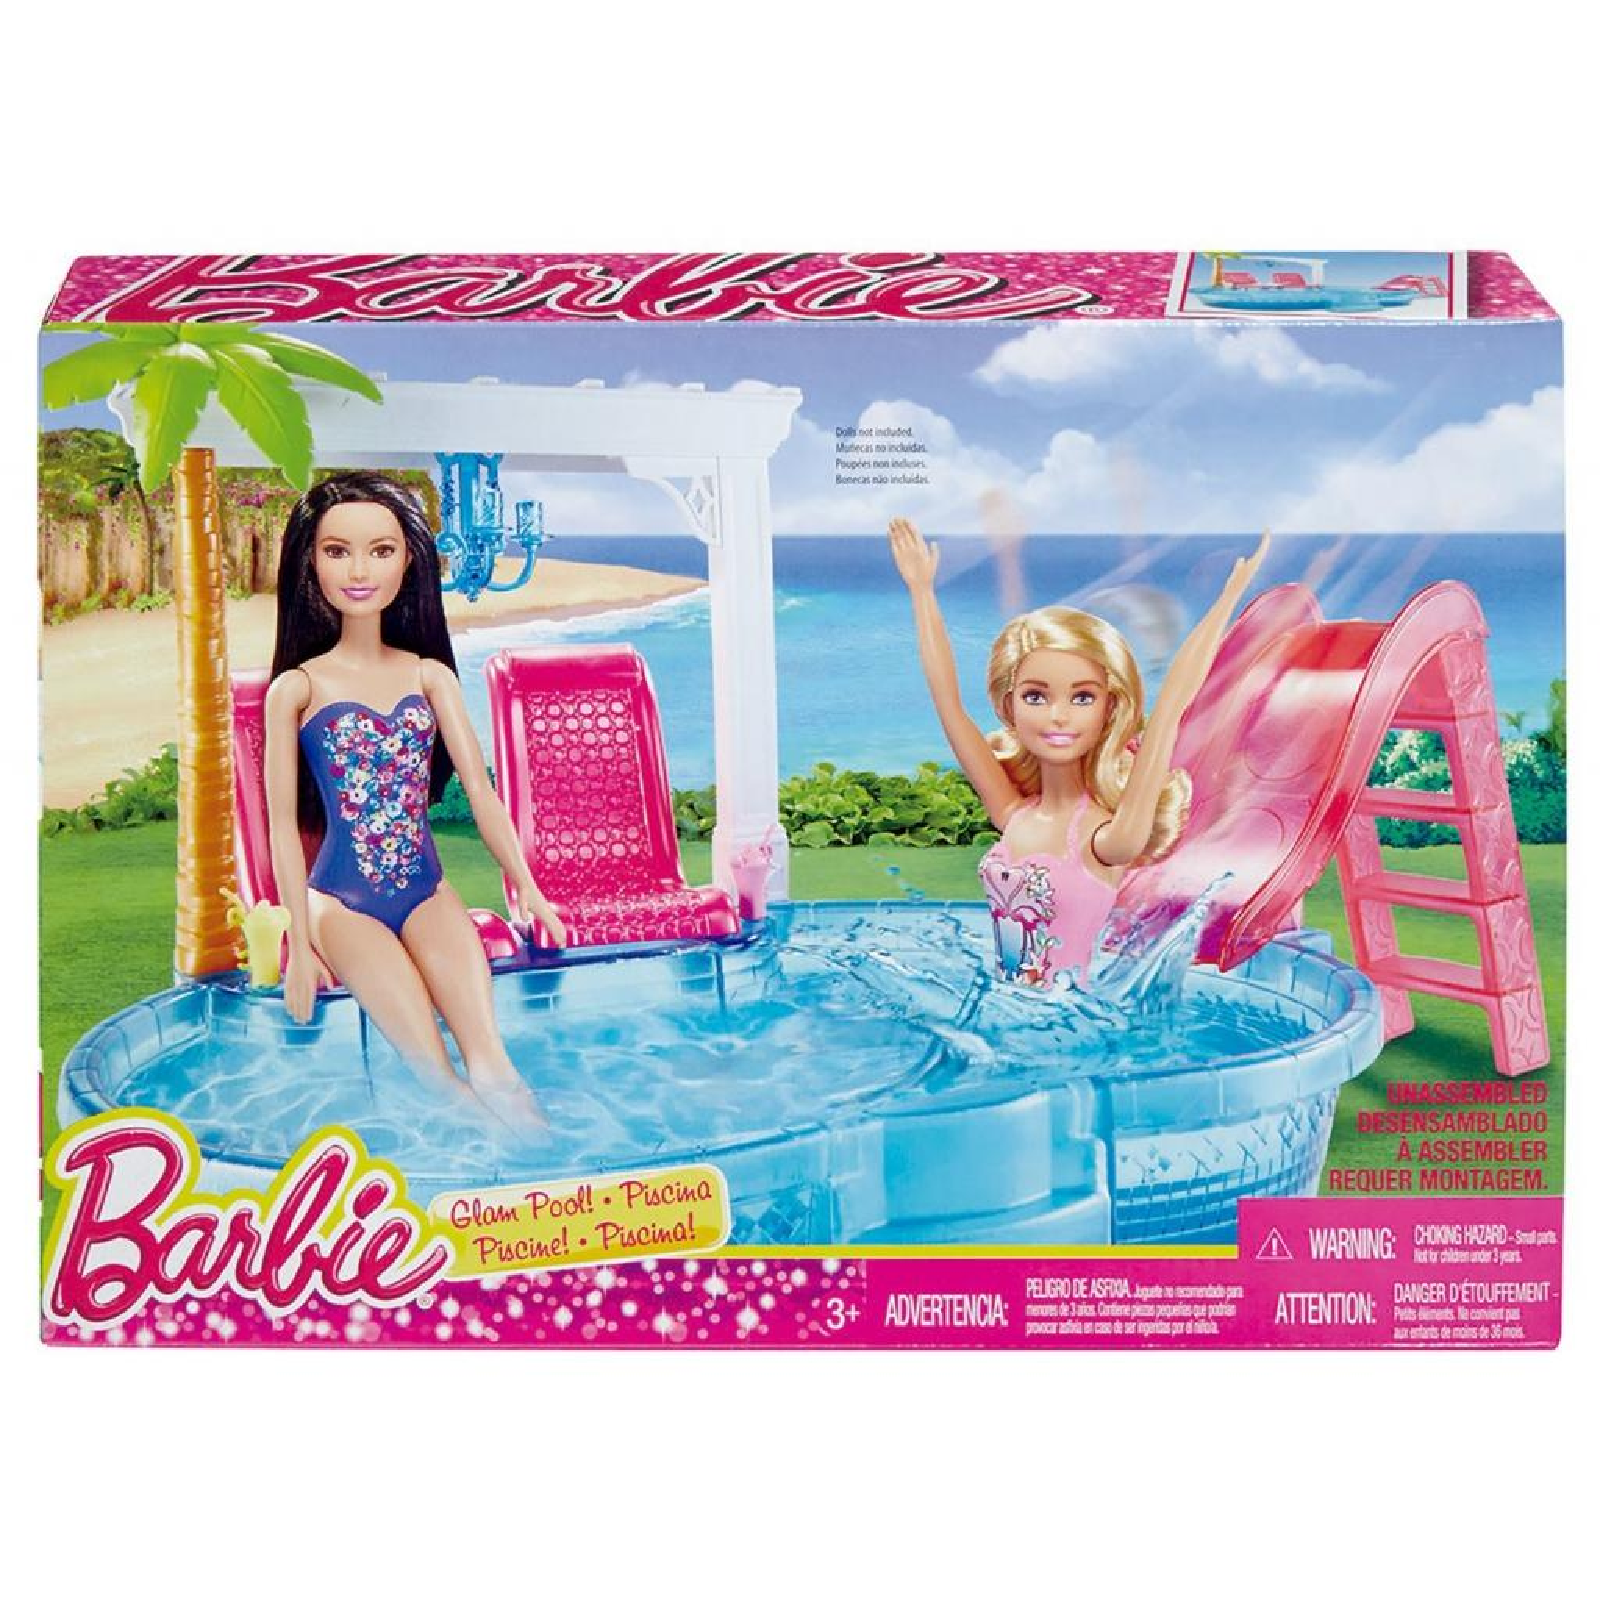 Аксессуар к кукле Barbie Гламурный бассейн (DGW22) изображение 4